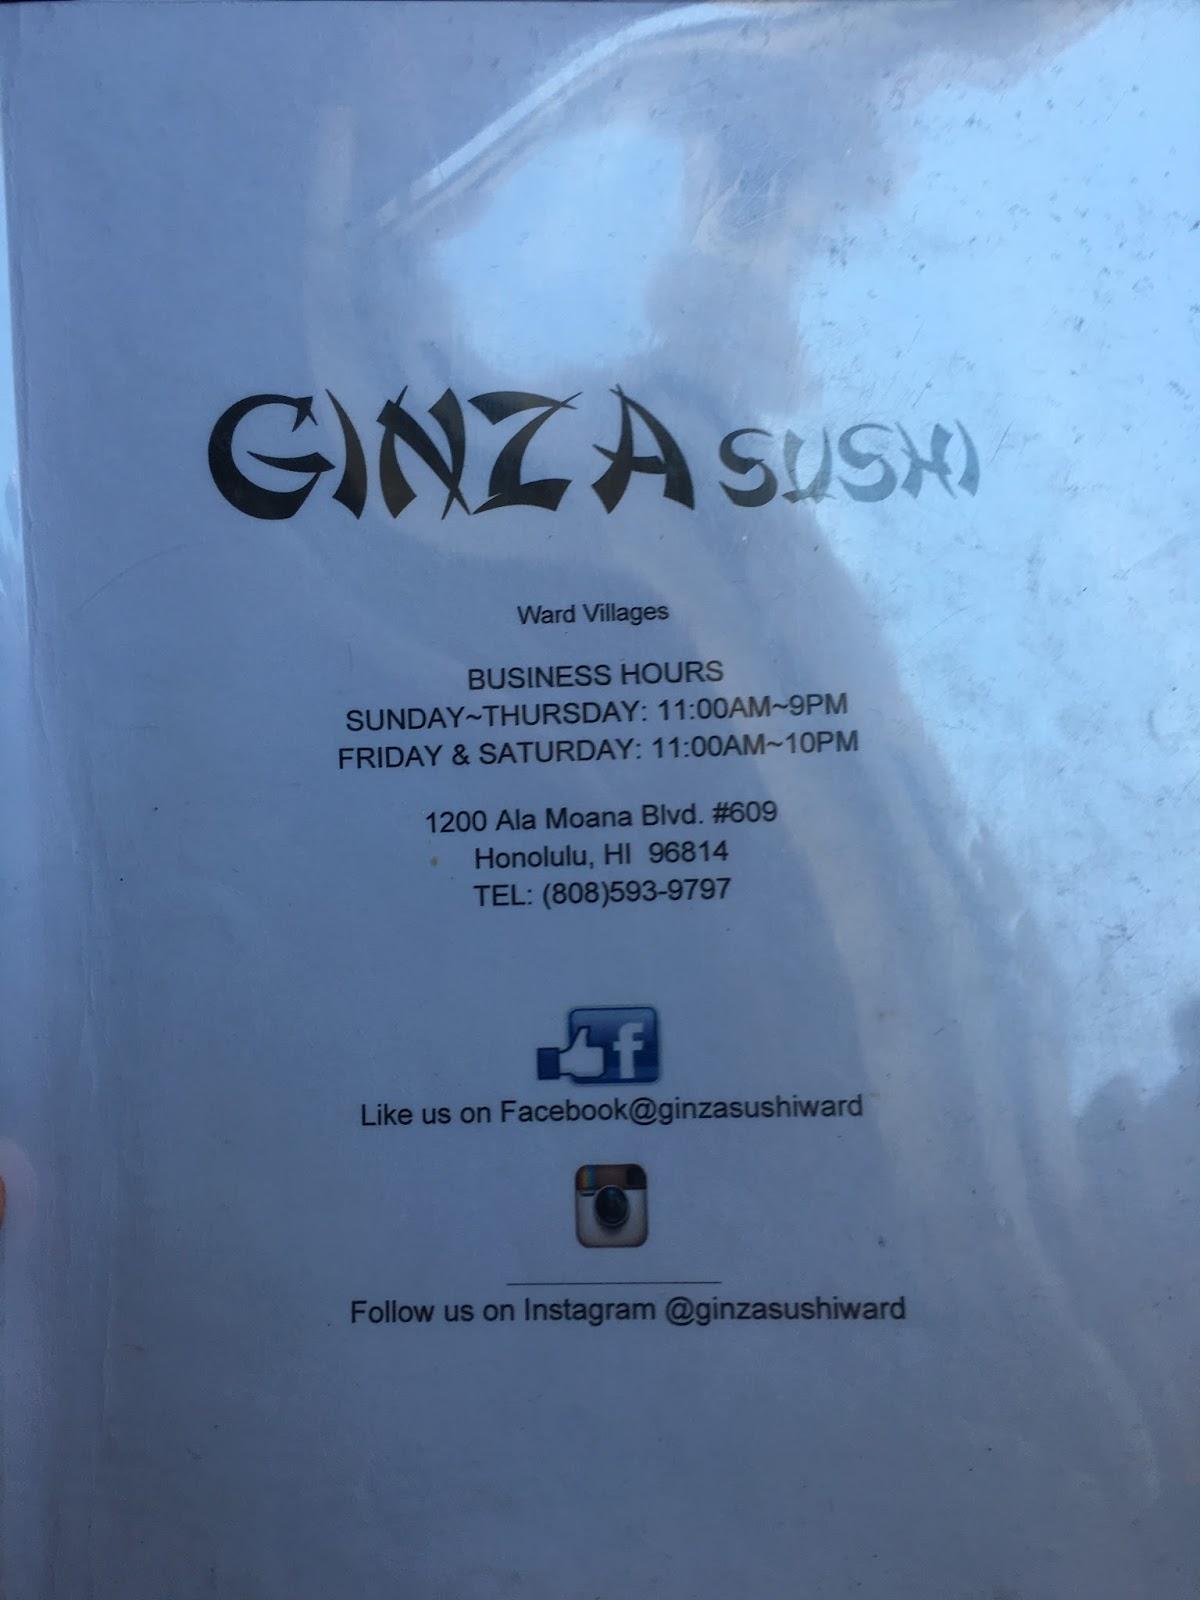 TASTE OF HAWAII: GINZA SUSHI